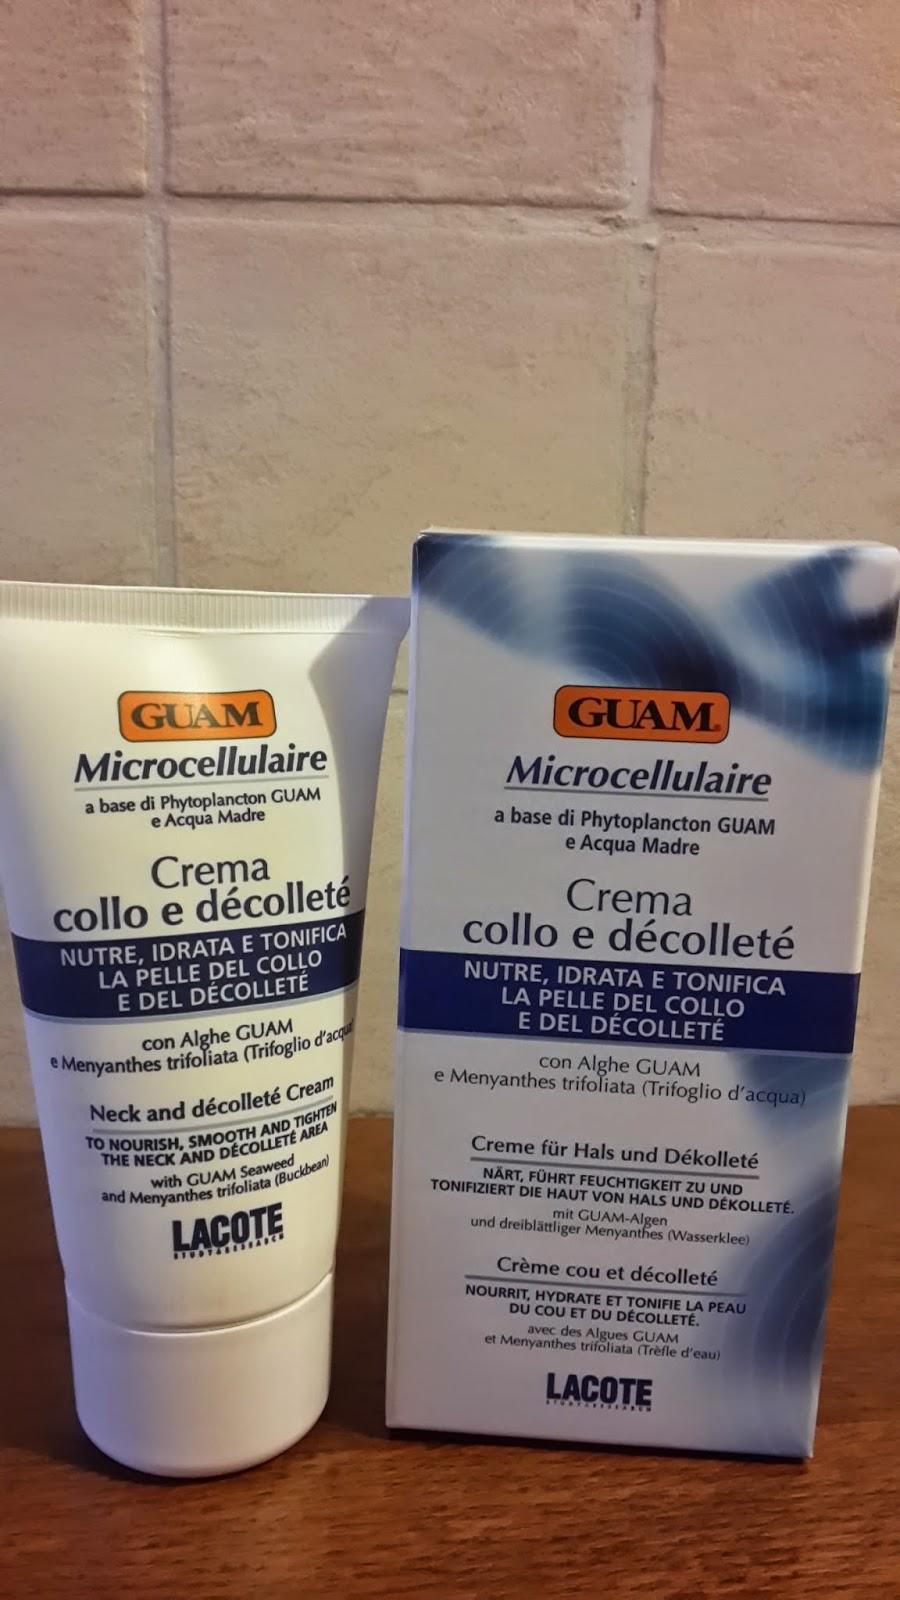 Prima di e dopo crema da pigmentazione